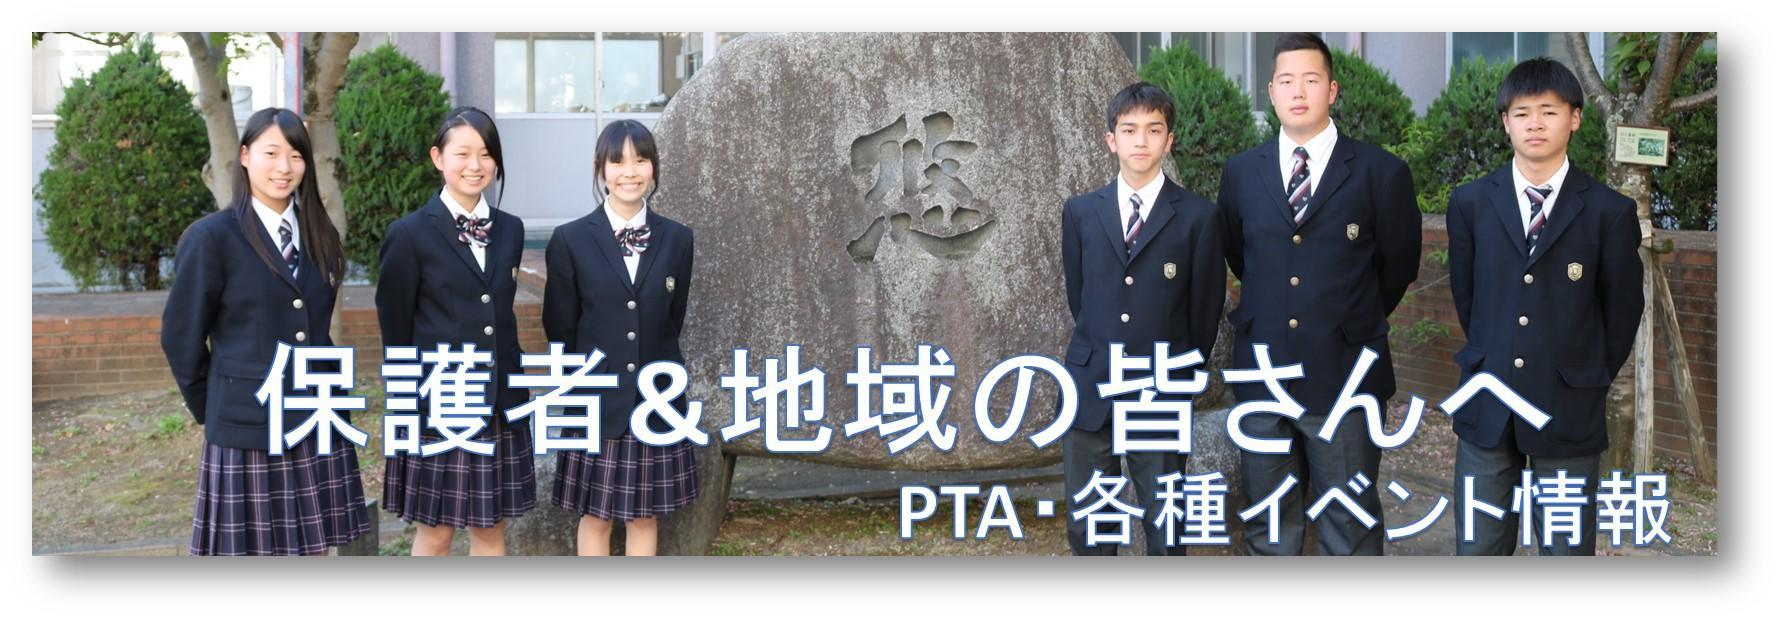 ホームページ 木津 中学校